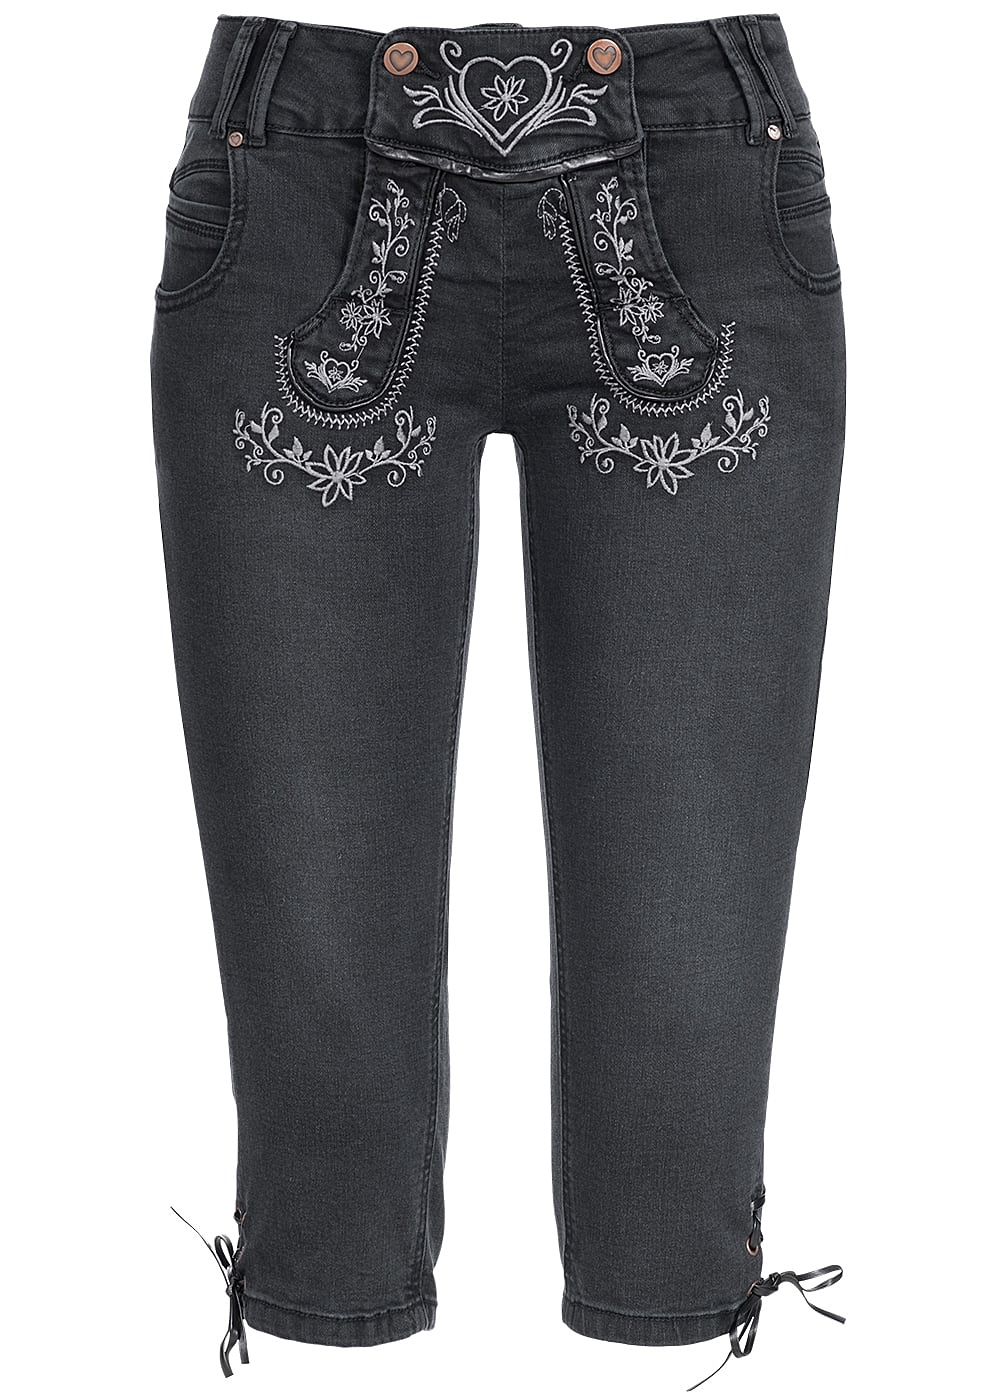 hailys damen trachten 3 4 jeans mit stickerei 5 pockets schwarz 77onlineshop. Black Bedroom Furniture Sets. Home Design Ideas